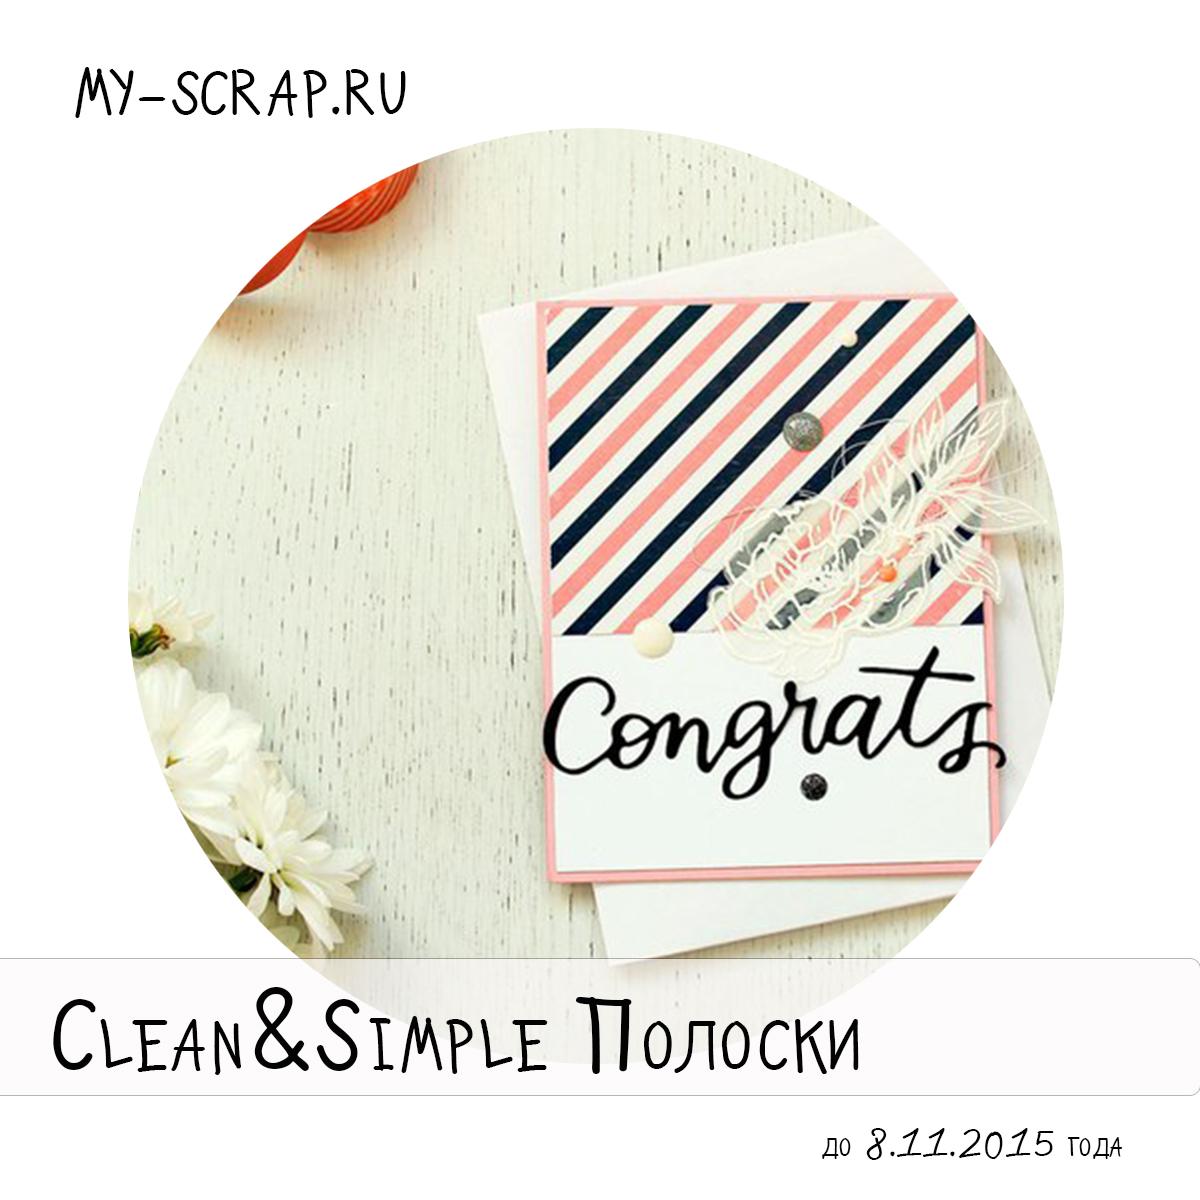 http://scrapulechki.blogspot.ru/2015/10/clean.html